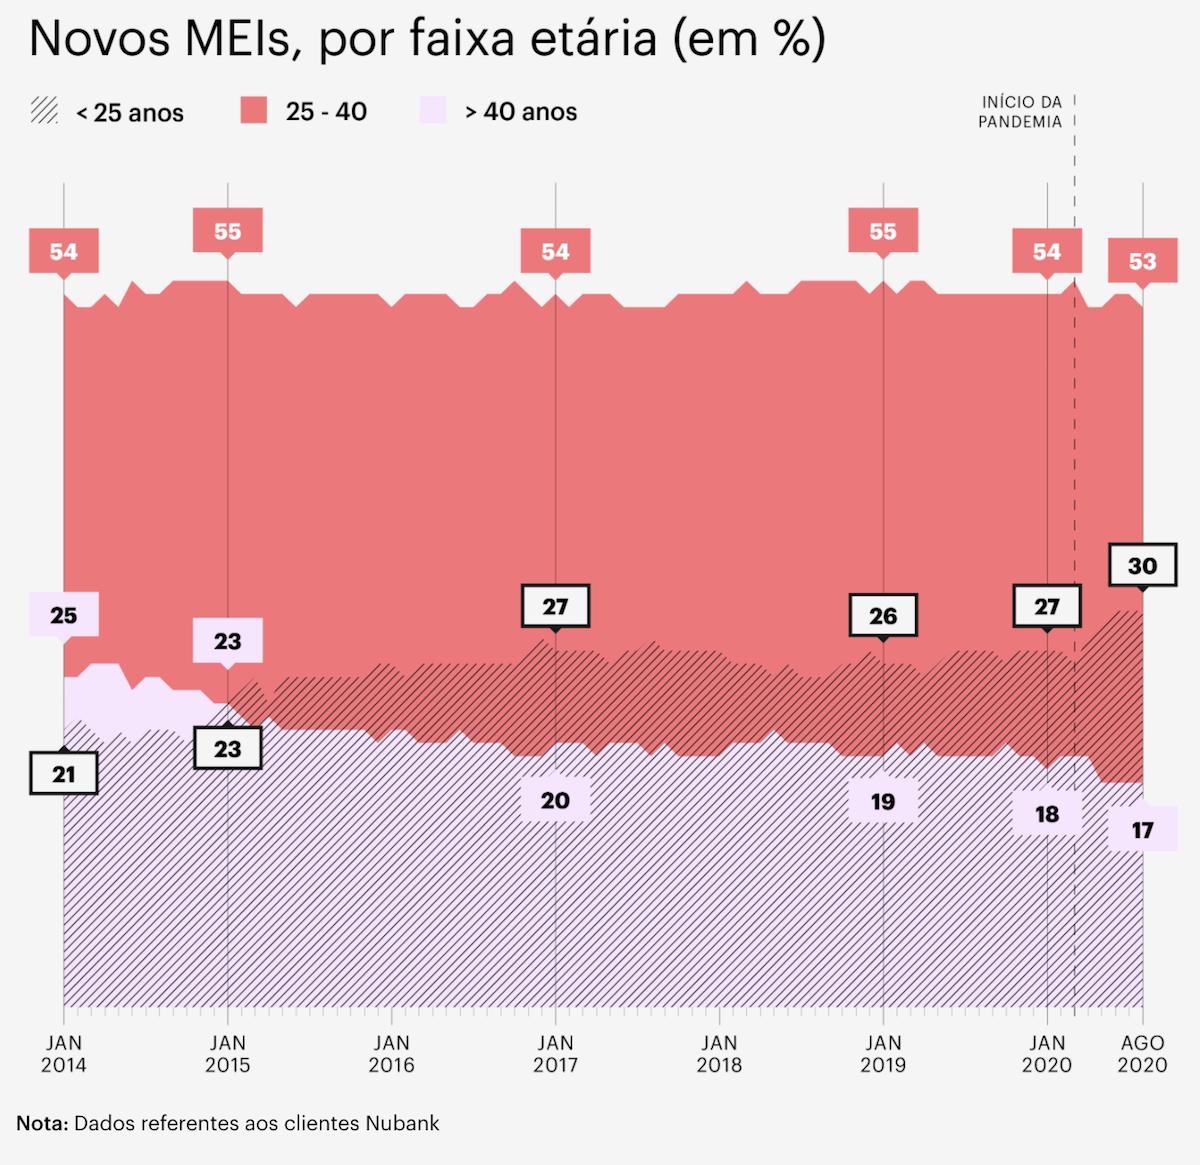 Data Nubank MEI: gráfico mostra os novos MEIs por faixa etária